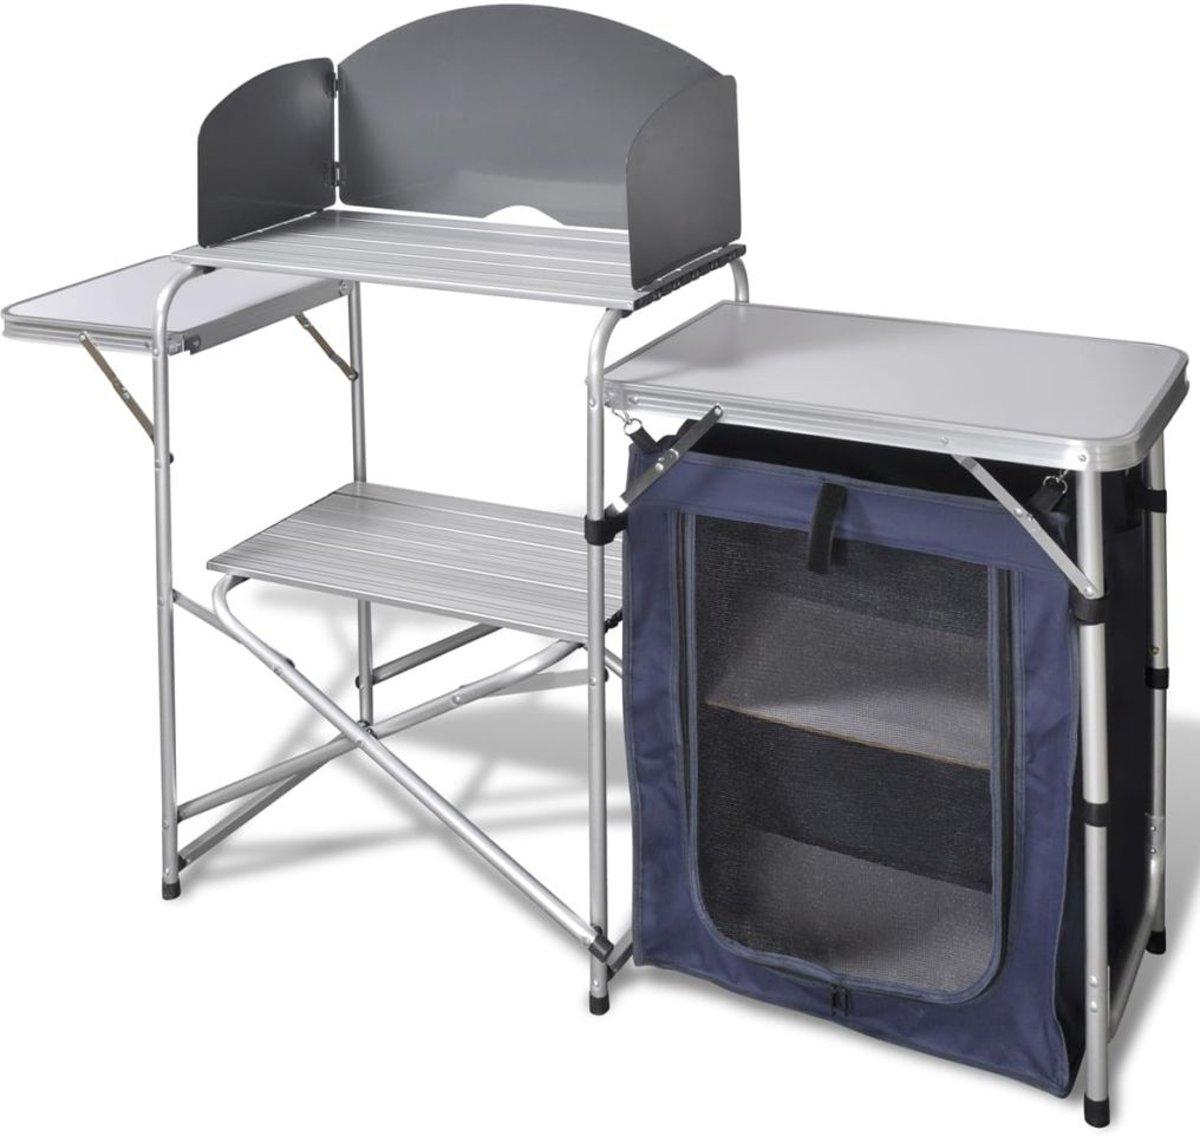 Campingkeuken inklapbaar met aluminium windscherm kopen